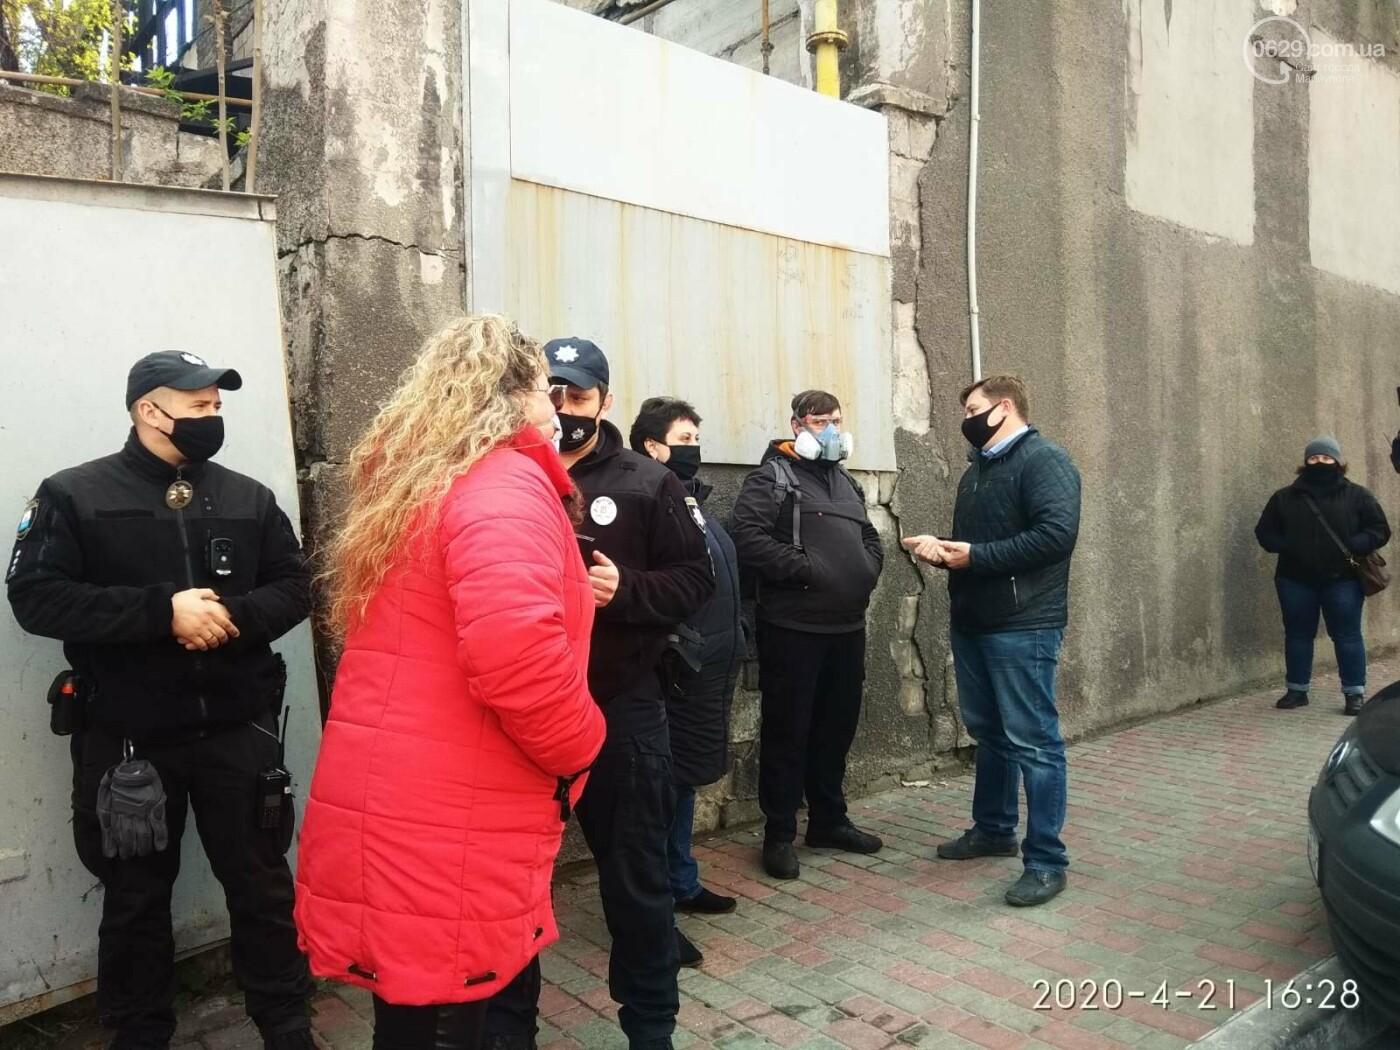 """Мариупольские предприниматели  развернули """"уличную торговлю"""" под стенами мэрии, - ФОТО, фото-2"""